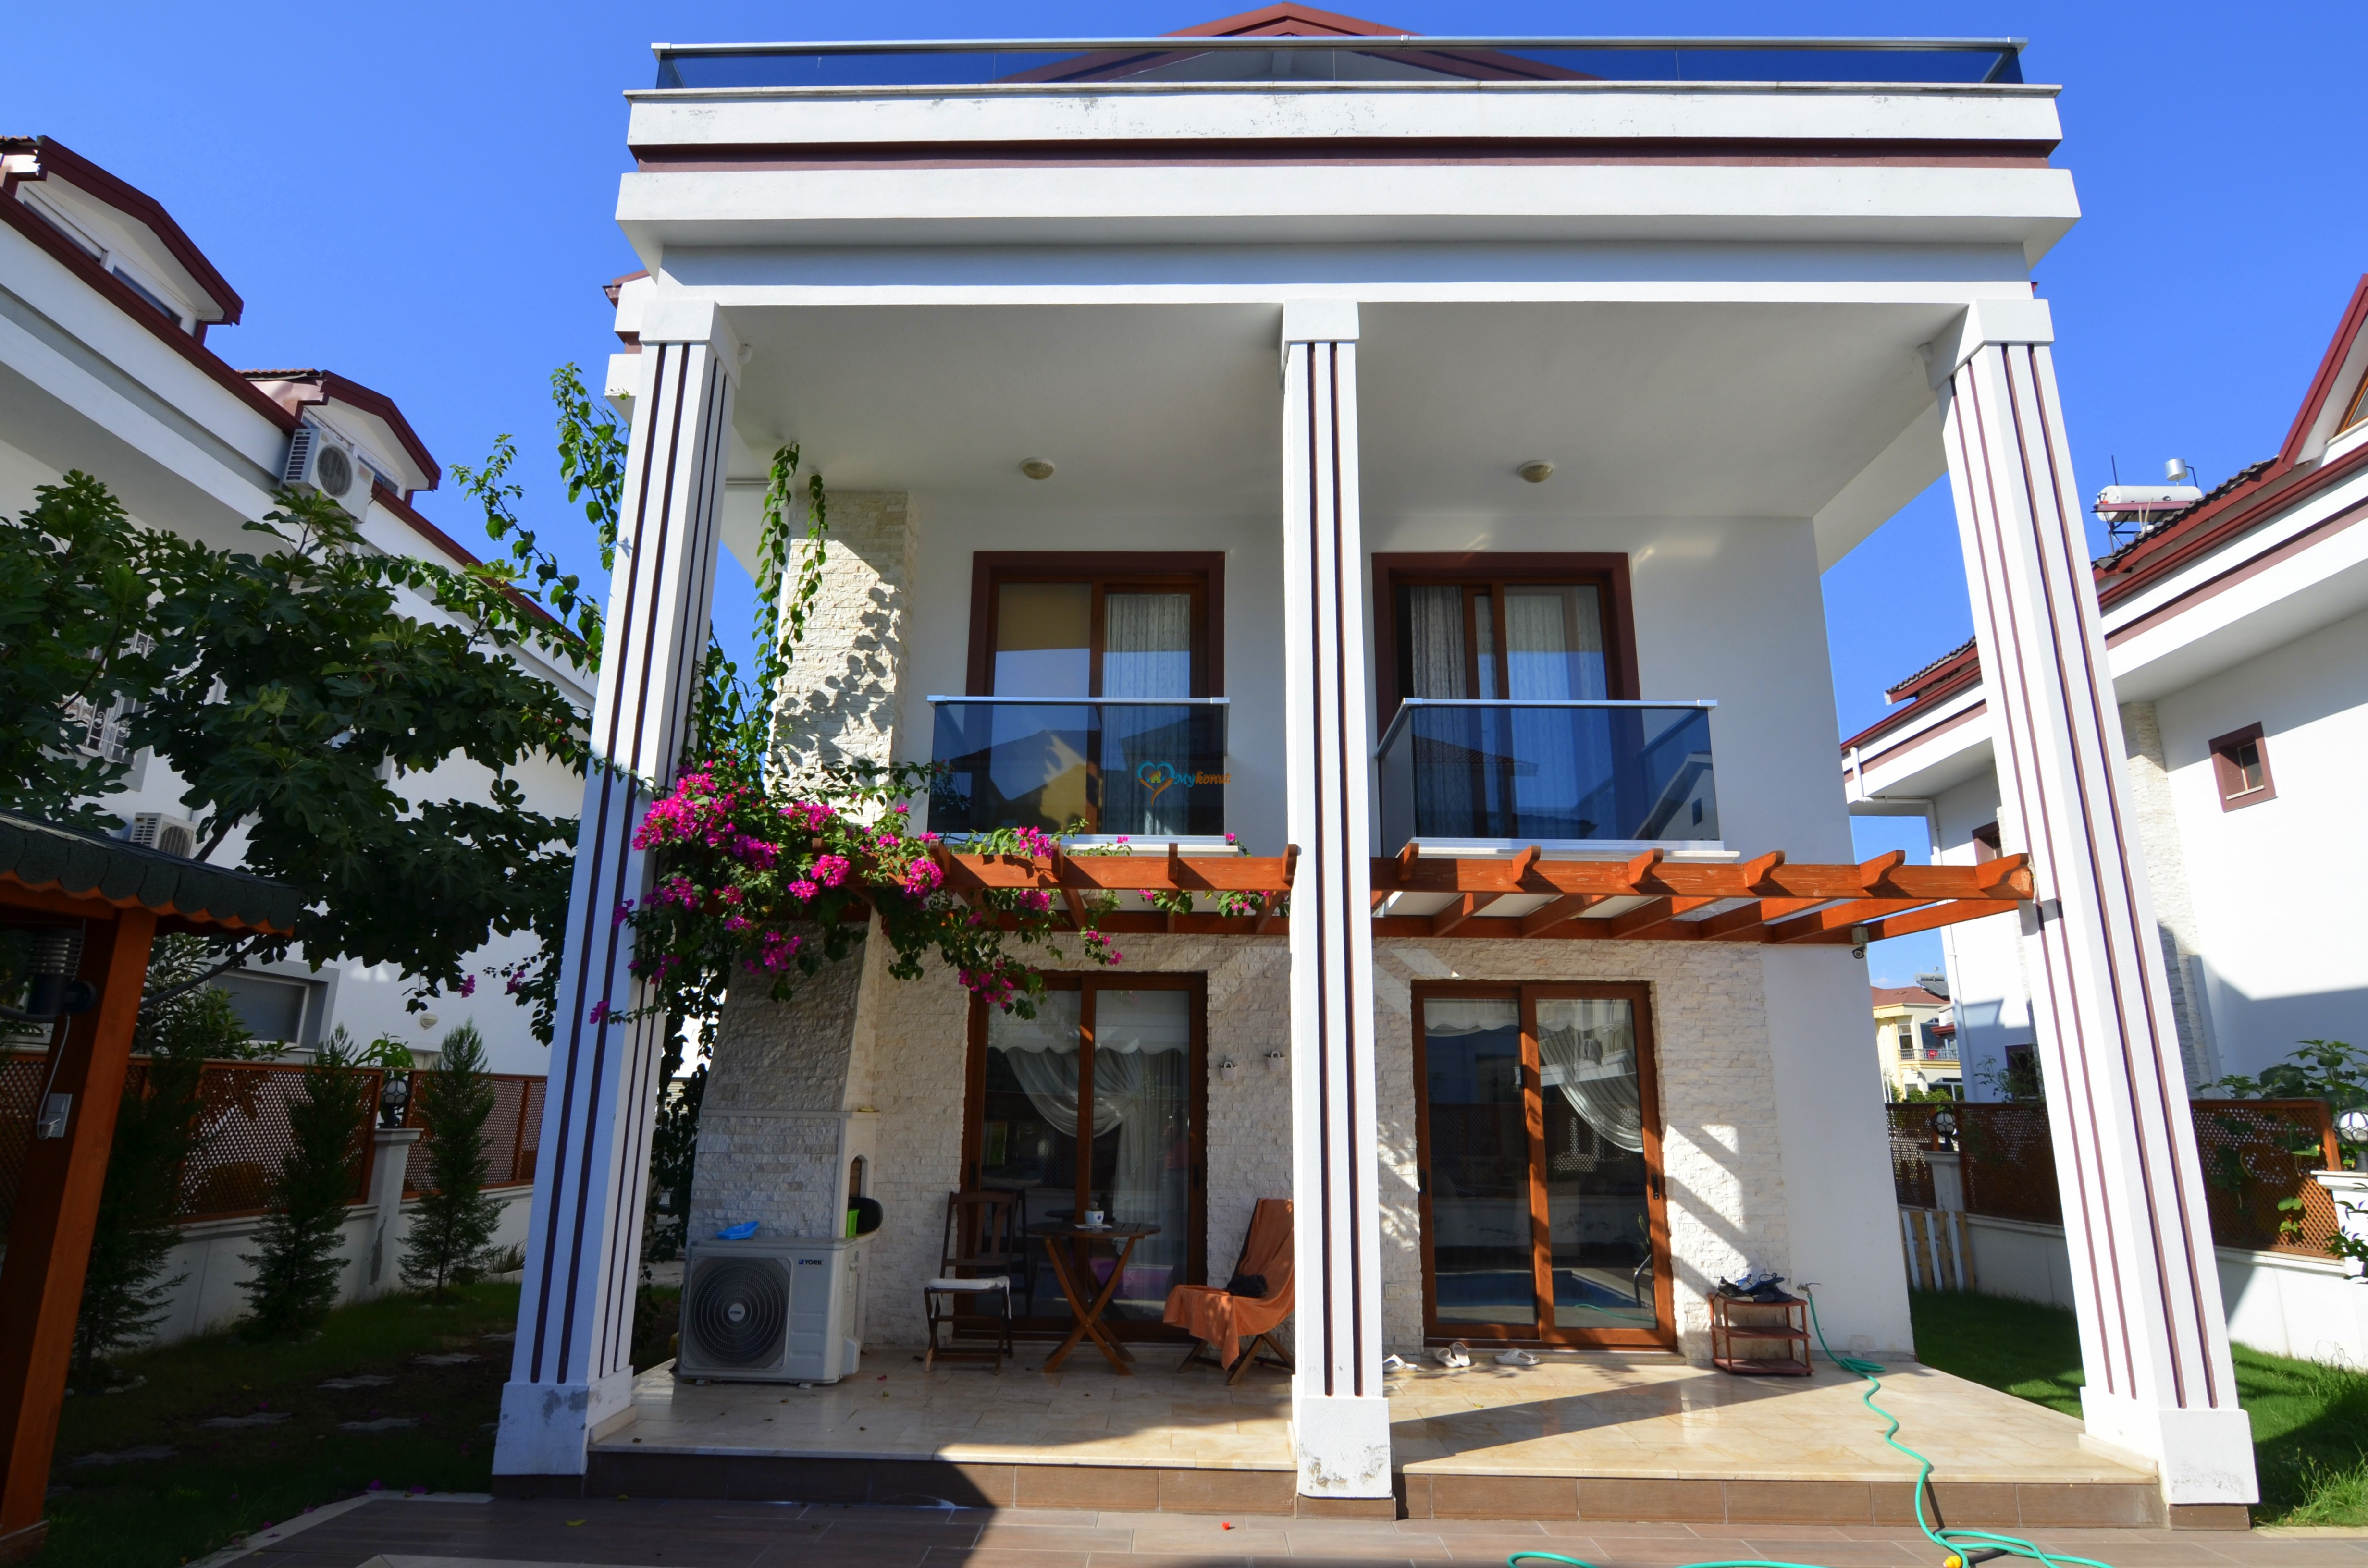 Mykonut'tan Babataşı Mh.Satılık 5+1 Denize Yakın Müstakil Villa